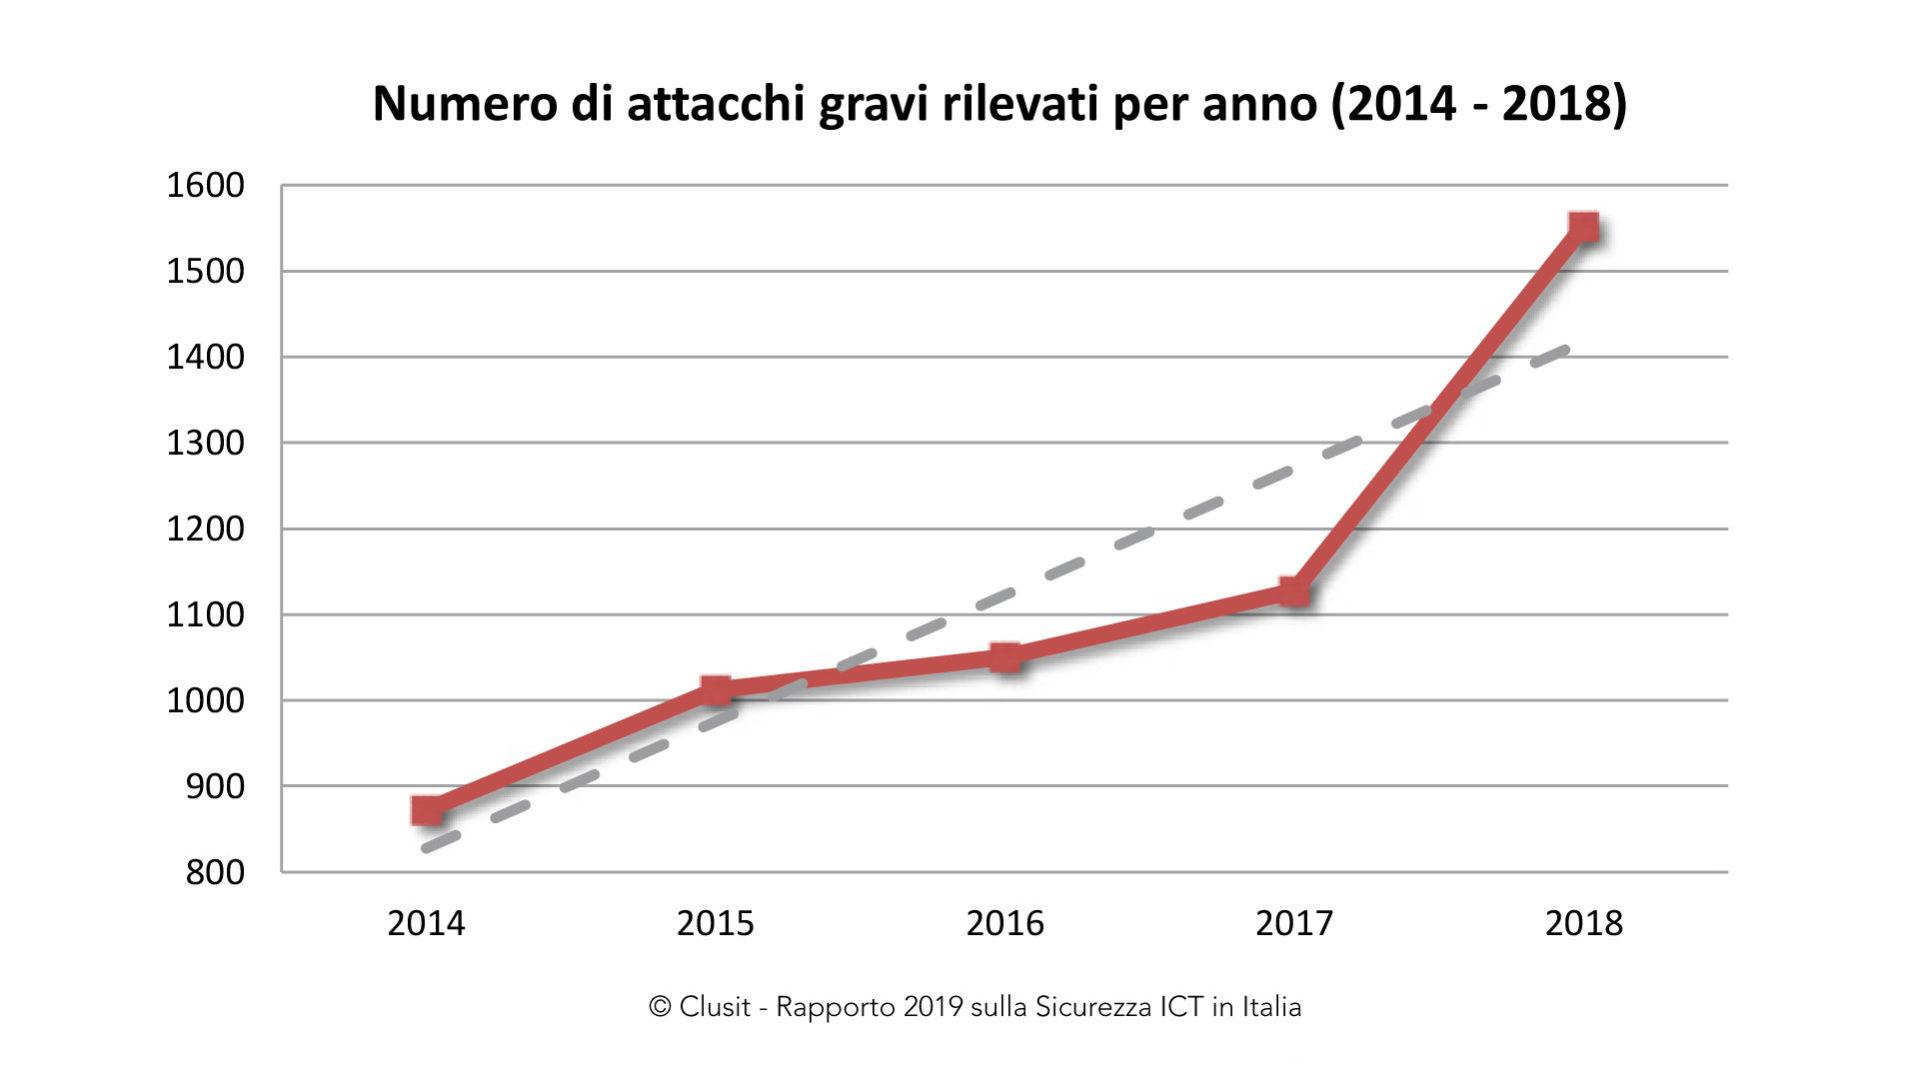 grafico che mostra il Numero di attacchi gravi rilevati per anno (2014-2018)